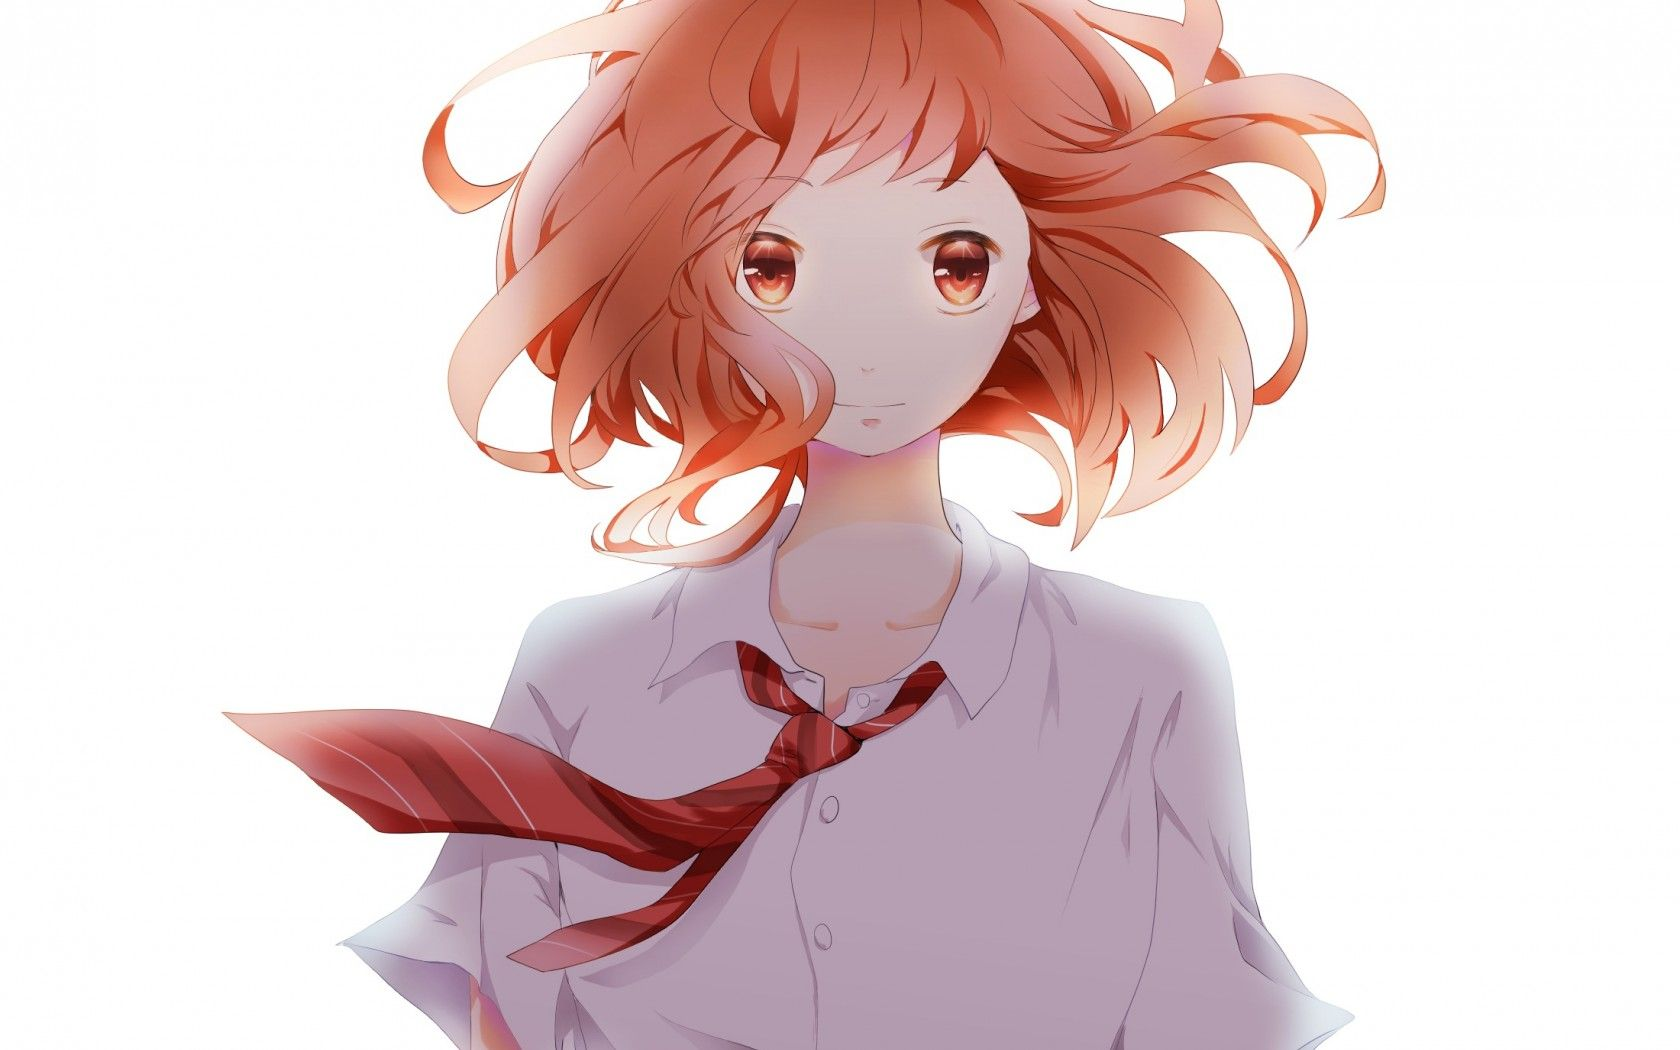 anime girl, sachi, caravat, big eyes, cuties, redhair ...